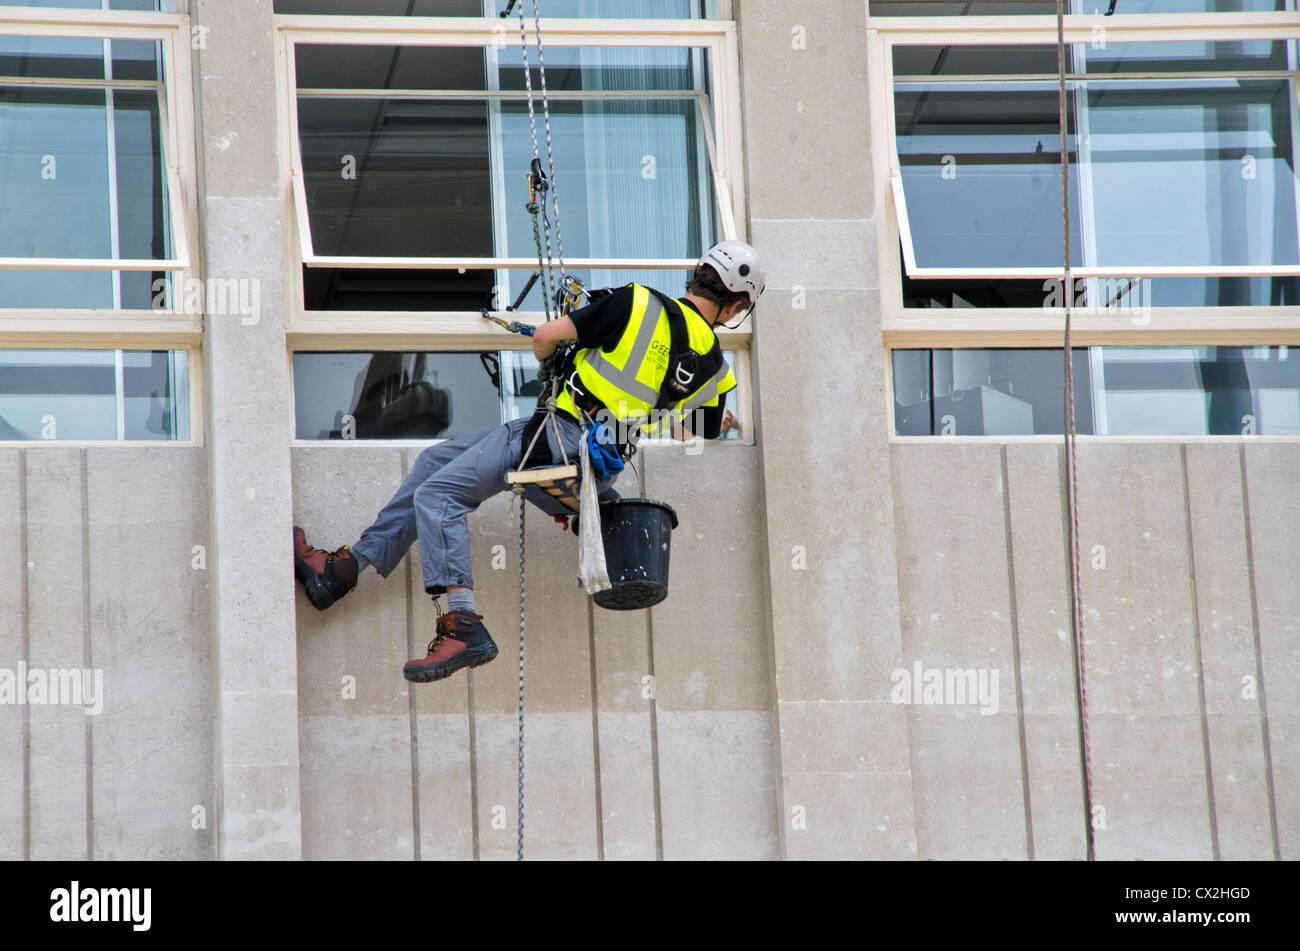 Ein Arbeiter HANGING ON THE Reparatur der Gebäude Wand Stockbild